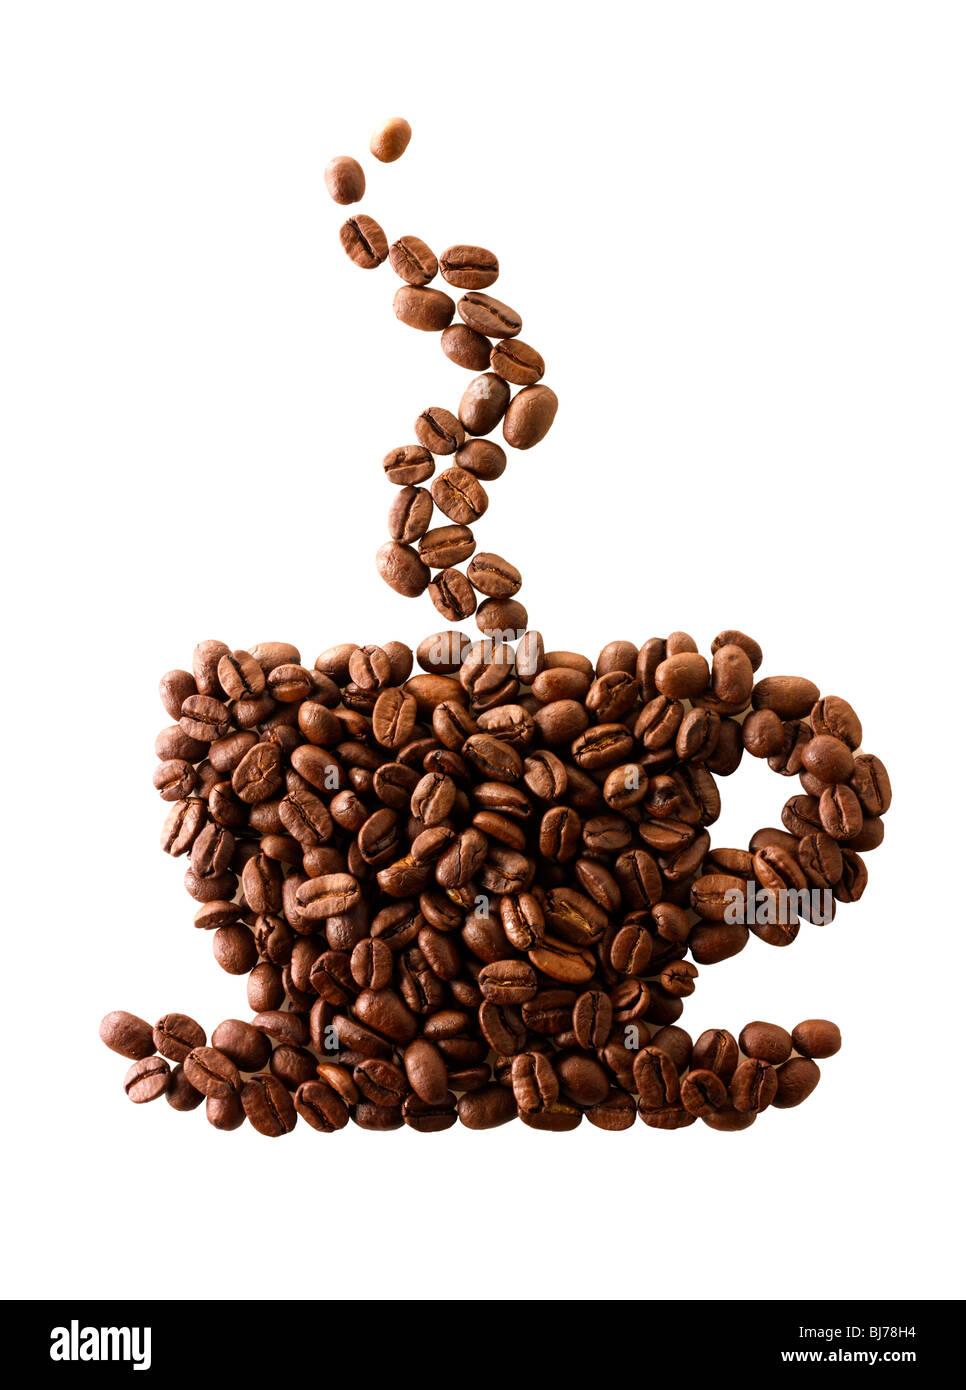 I chicchi di caffè nella forma di una tazza di caffè. Stock Photo Immagini Stock